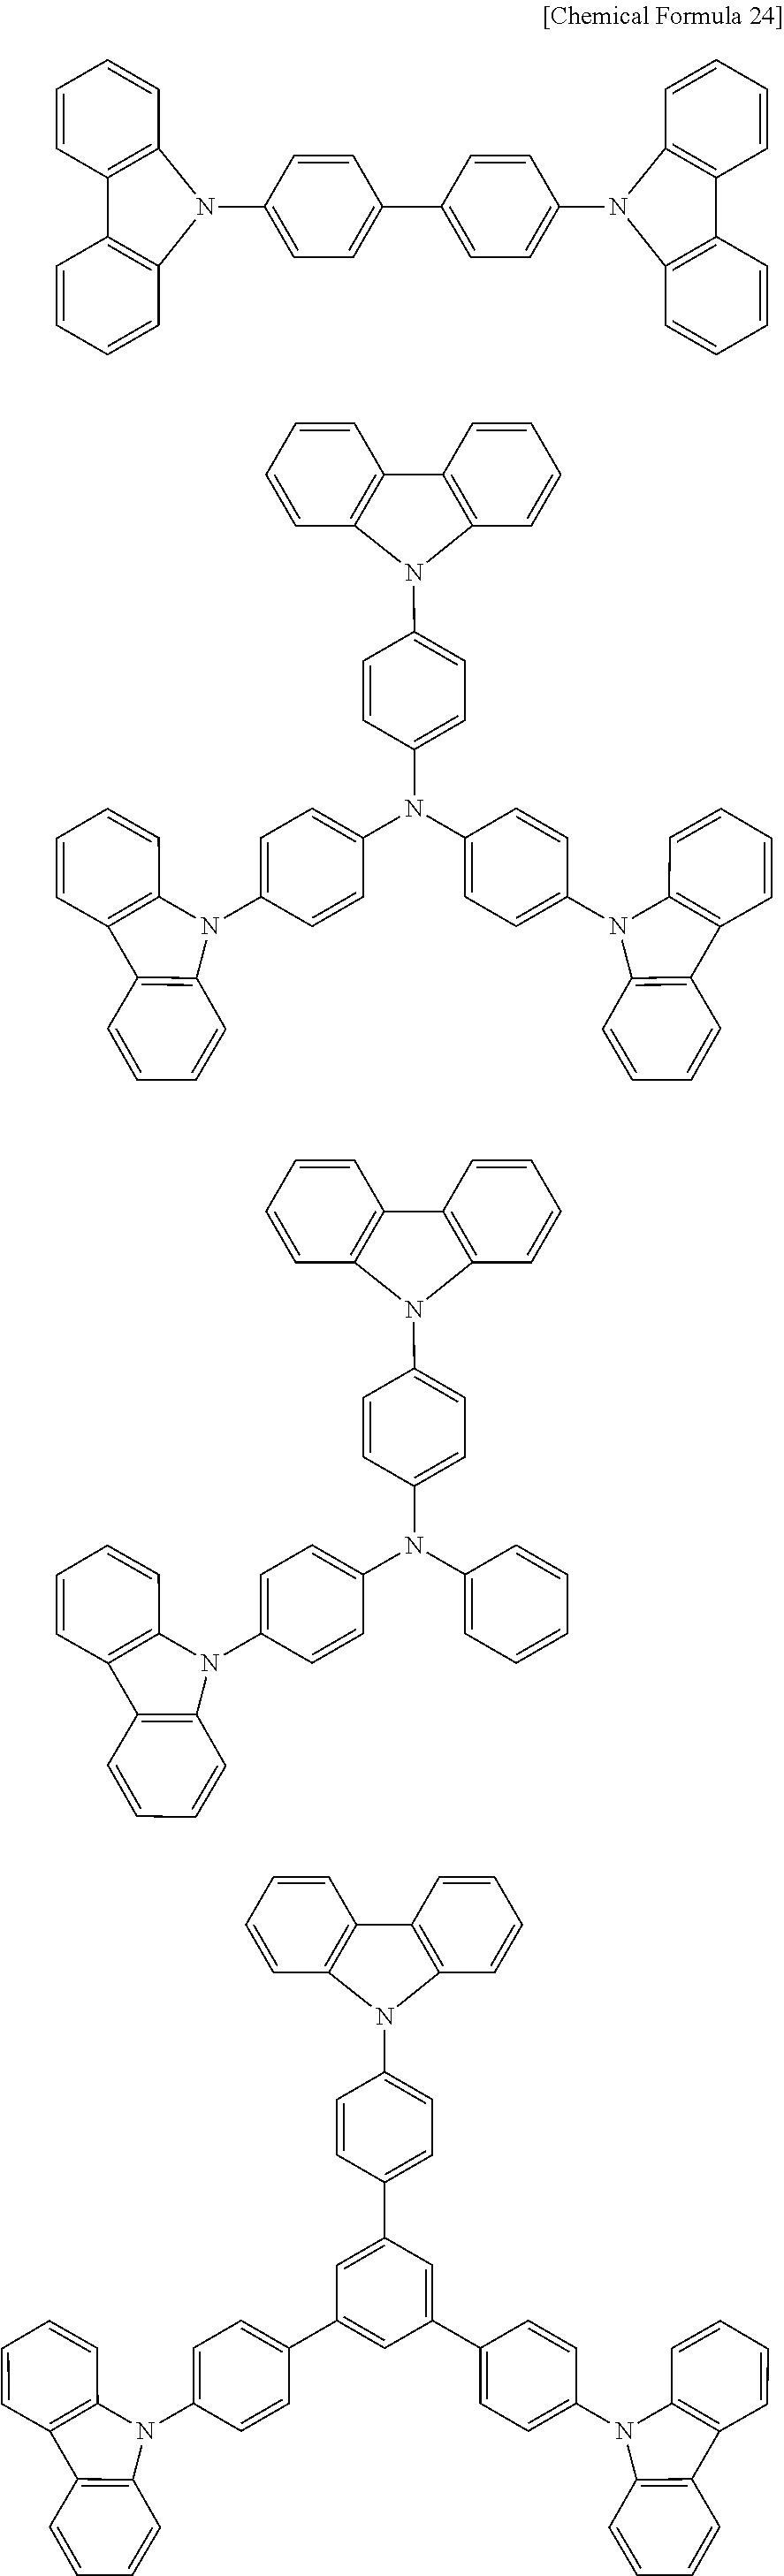 Figure US20110215312A1-20110908-C00054